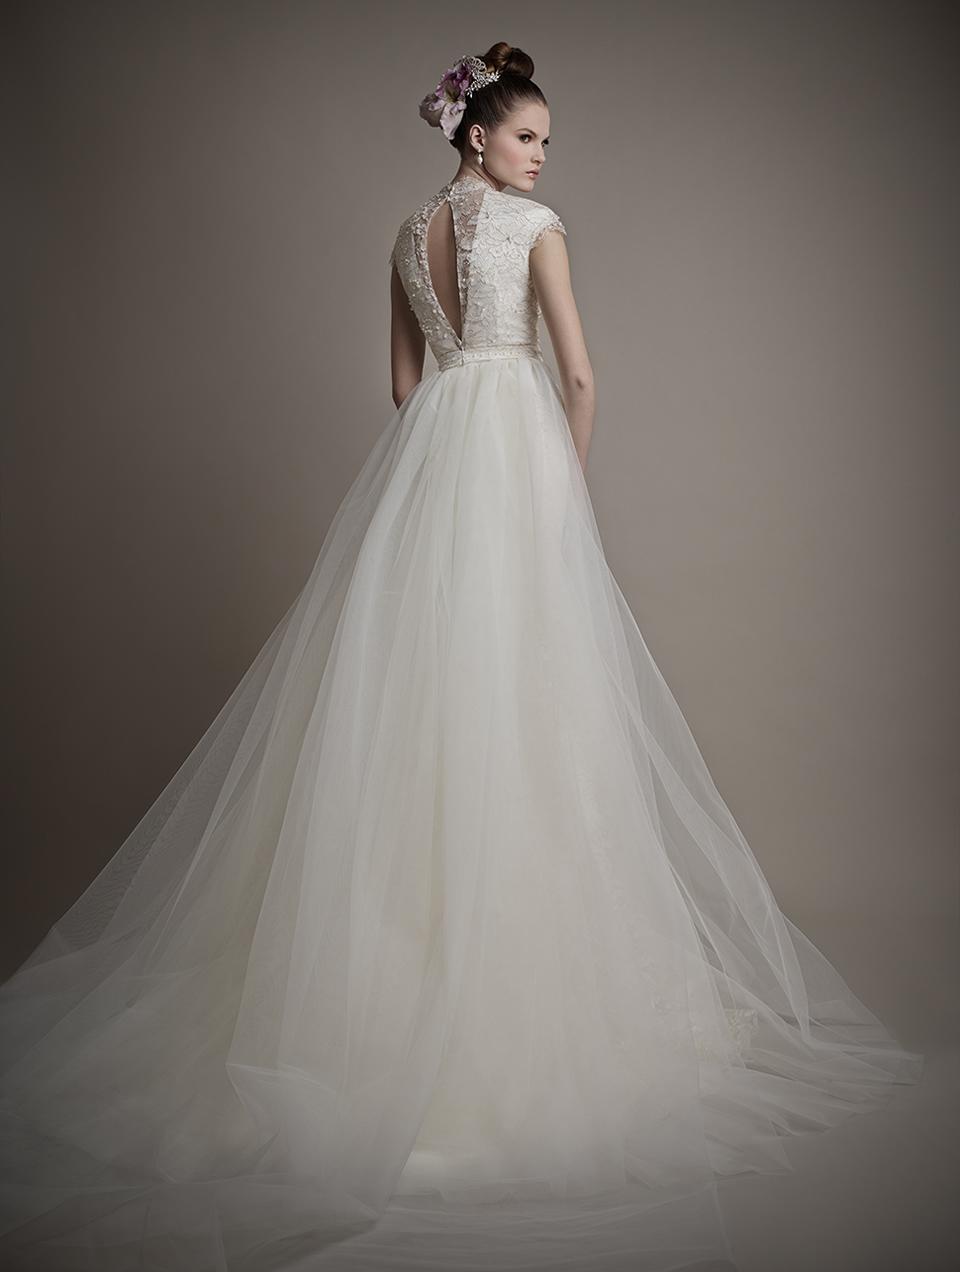 Коллекция свадебных платьев 2015 года от Ersa Atelier6-1